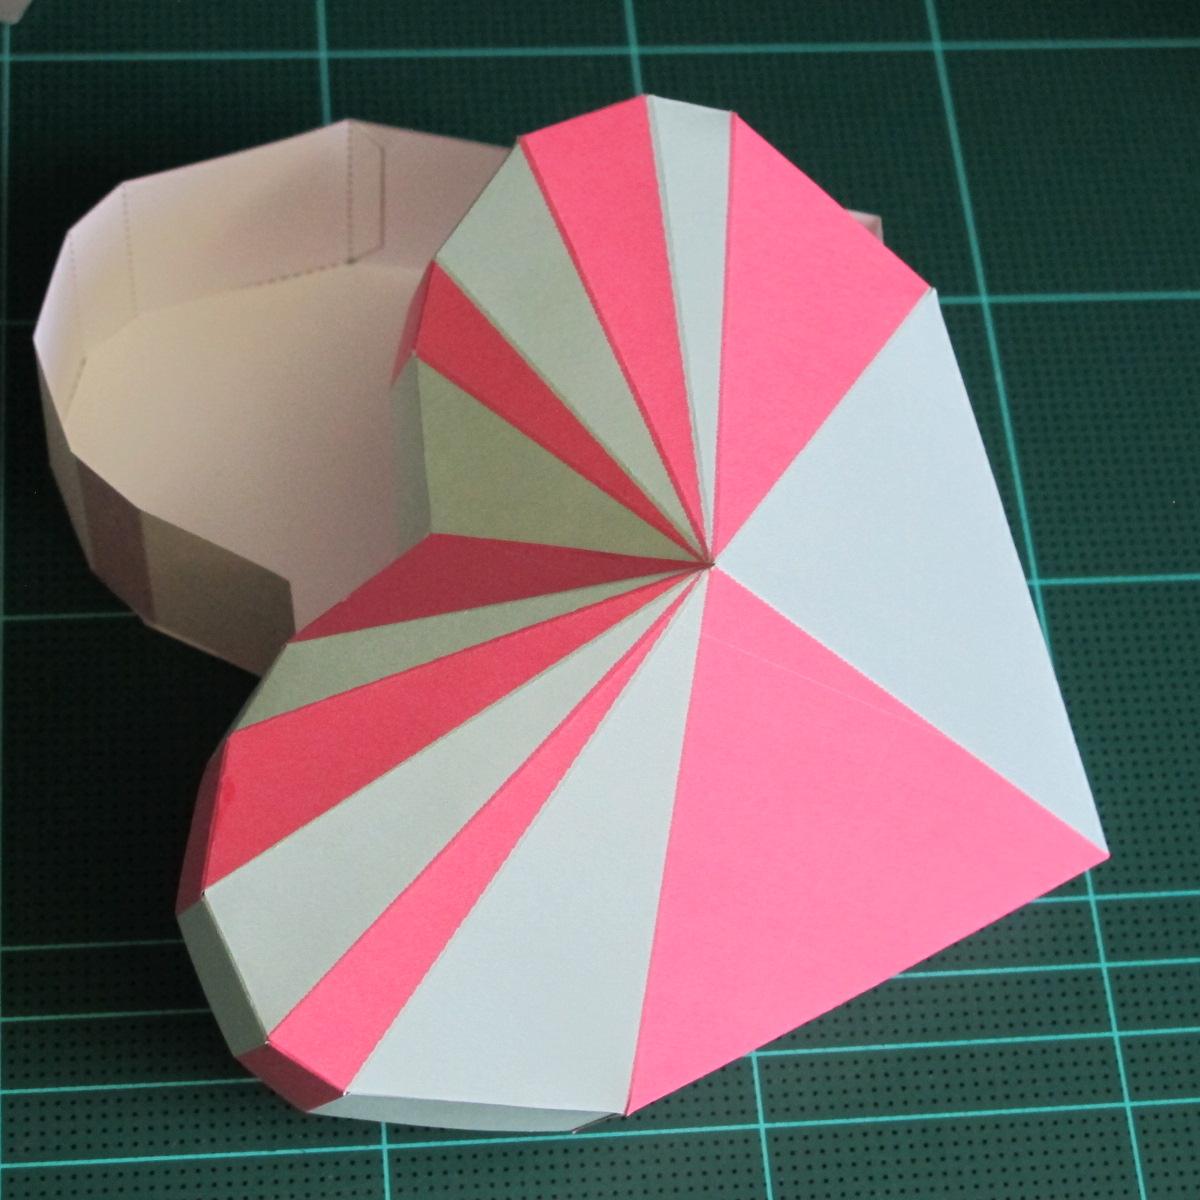 วิธีทำโมเดลกระดาษเป็นกล่องของขวัญรูปหัวใจ (Heart Box Papercraft Model) 017